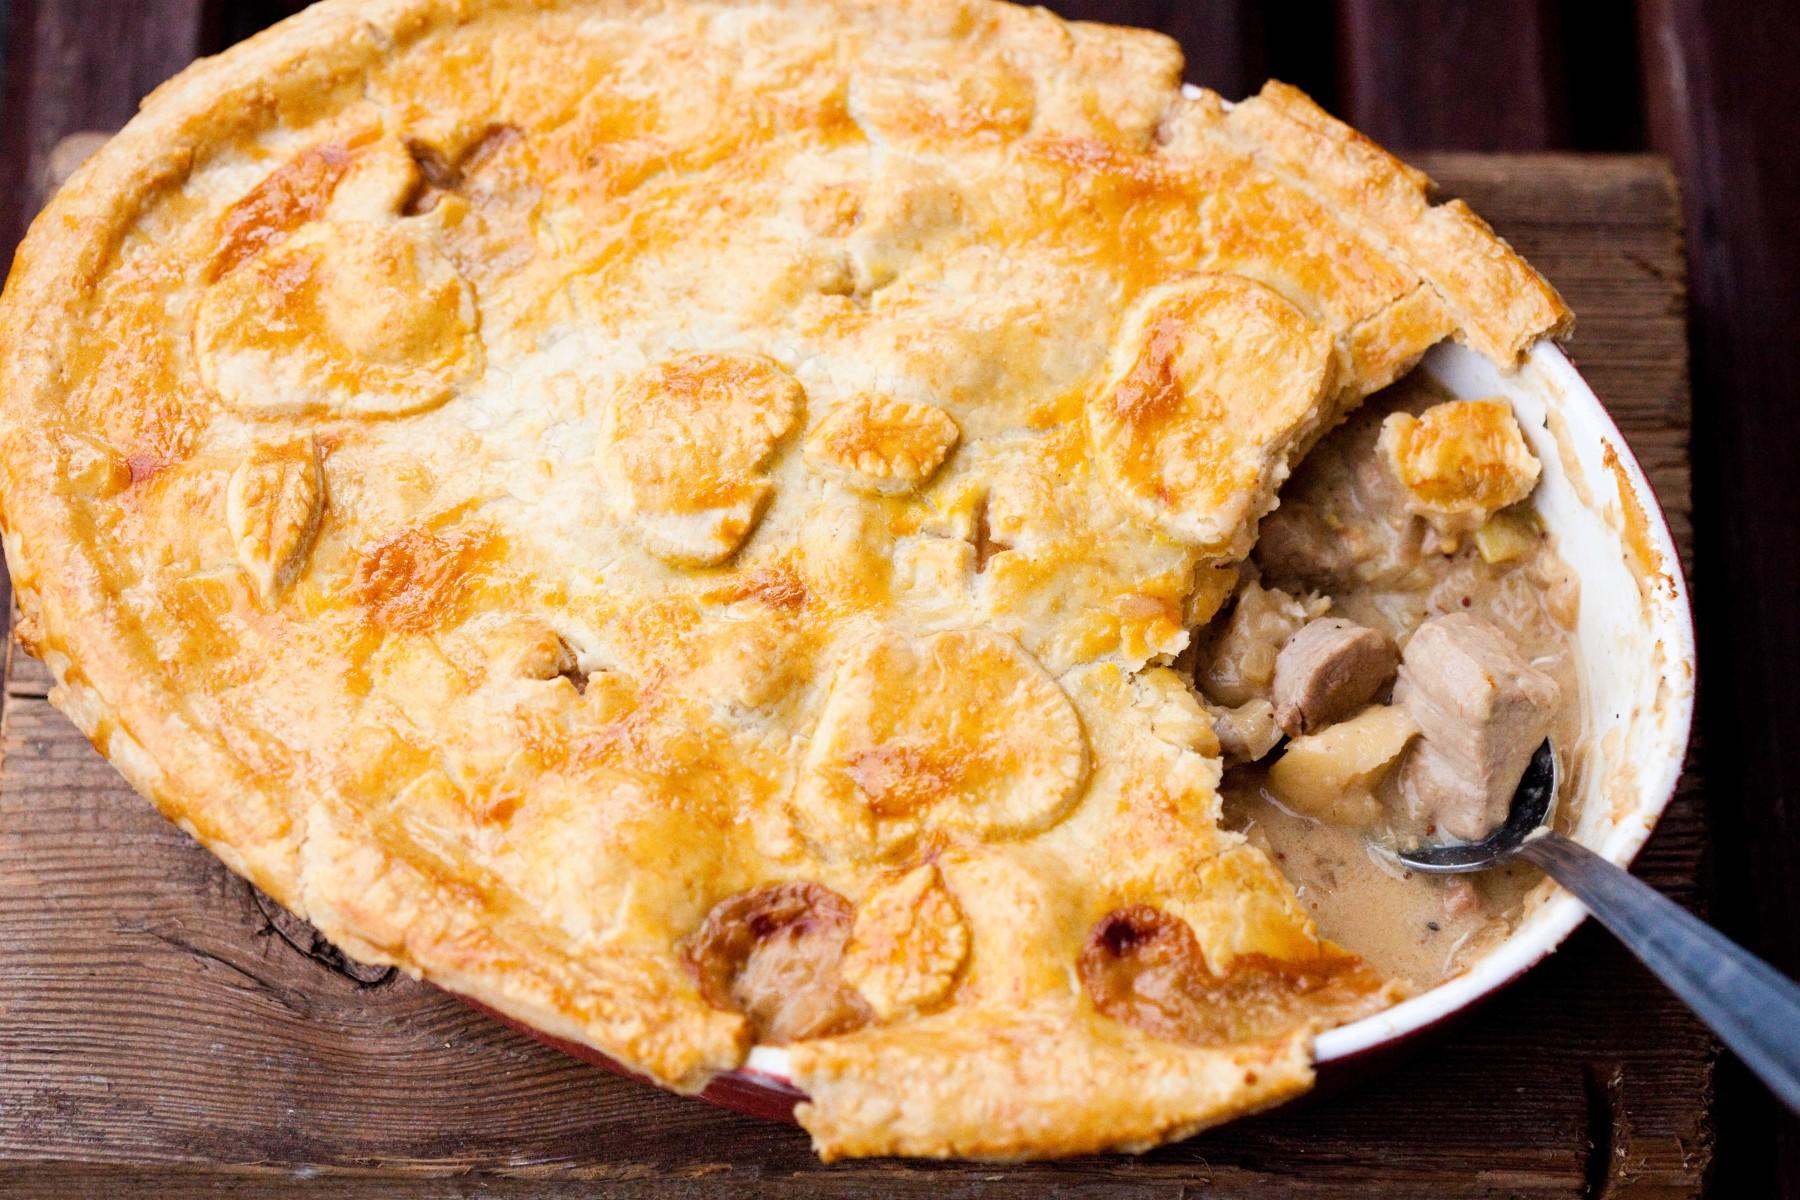 zapiekanka-z-poledwiczka-wieprzowa-i-jablkami-pod-serowym-ciastem